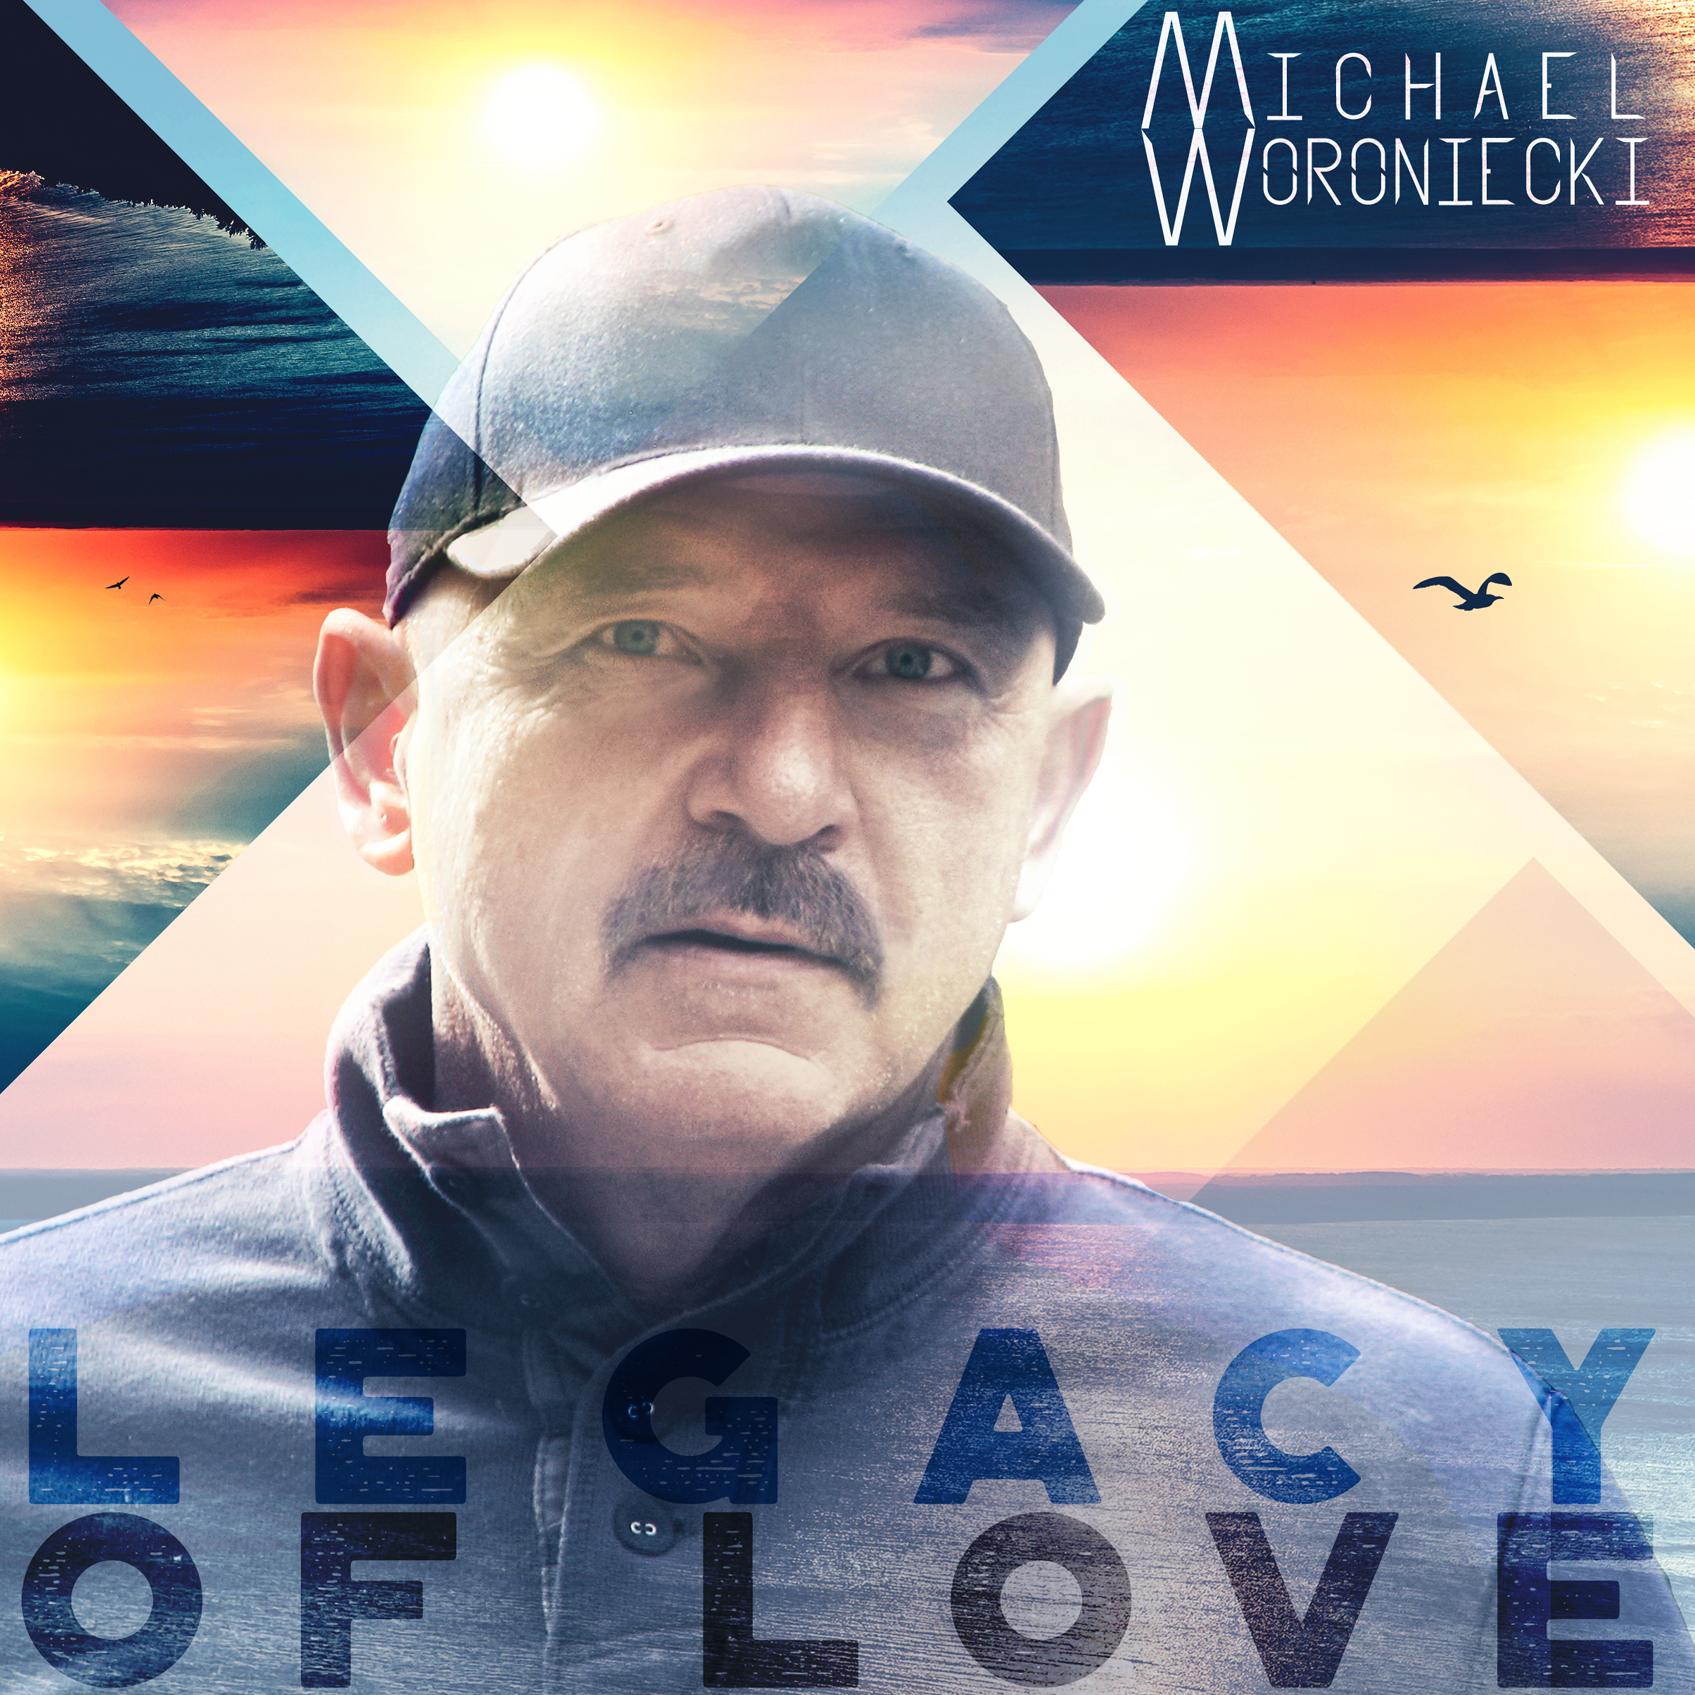 Michael-Woroniecki-Album-Cover